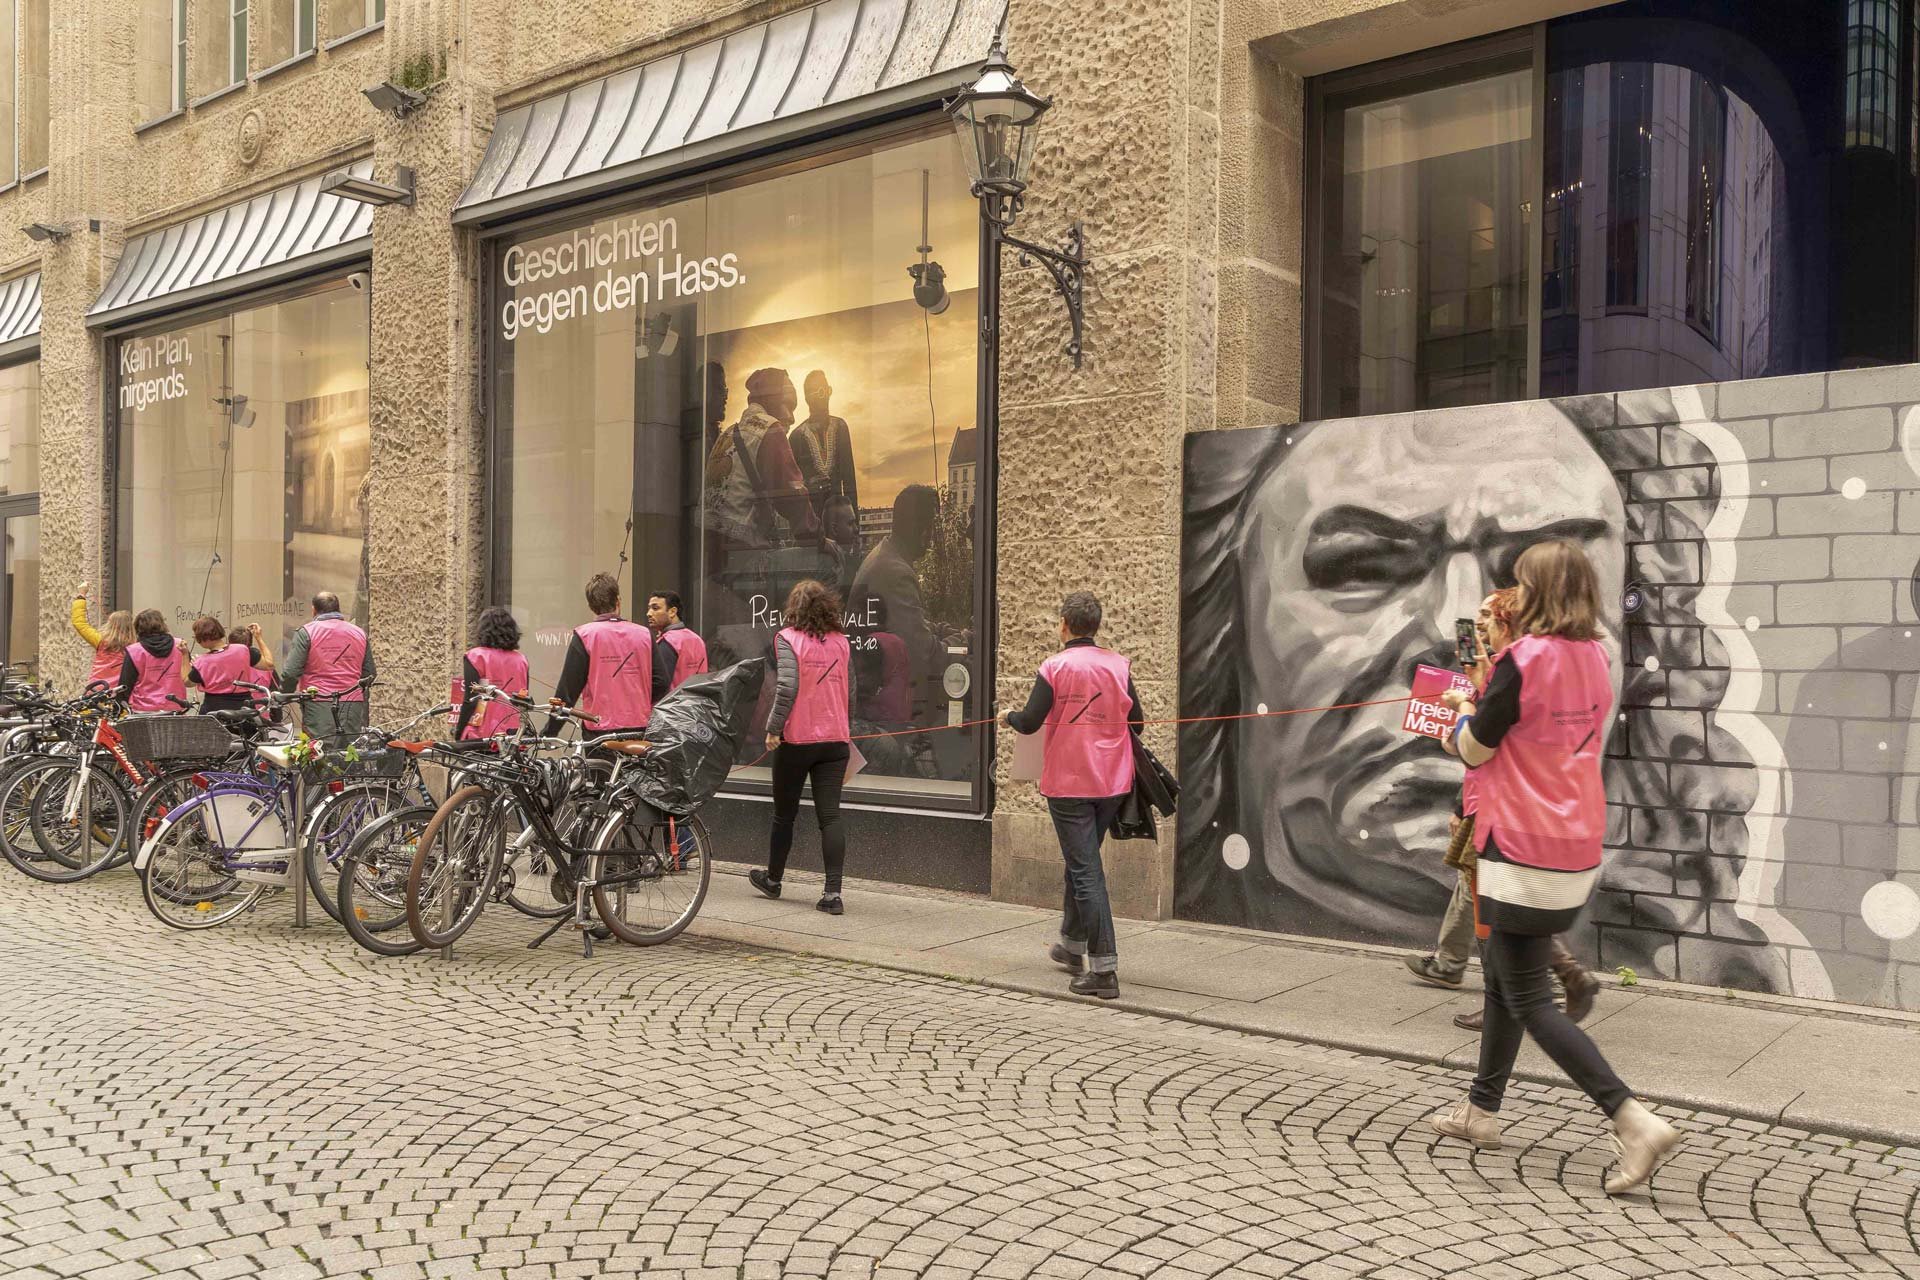 Revolutionale 2019 - Foto: Roland Quester